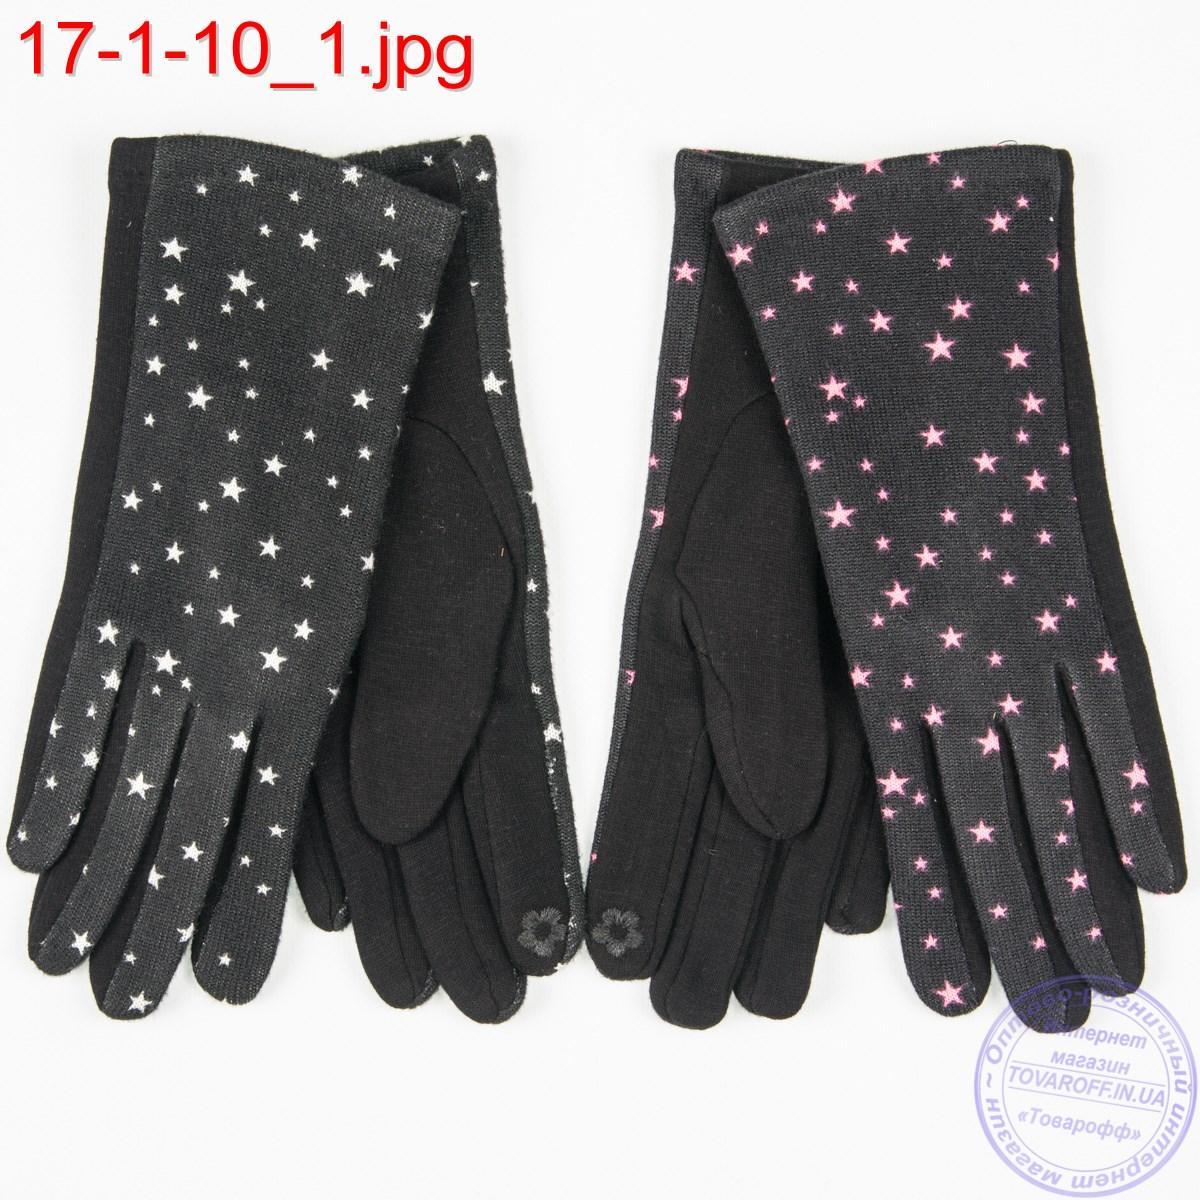 Оптом женские трикотажные стрейчевые перчатки для сенсорных телефонов - №17-1-10